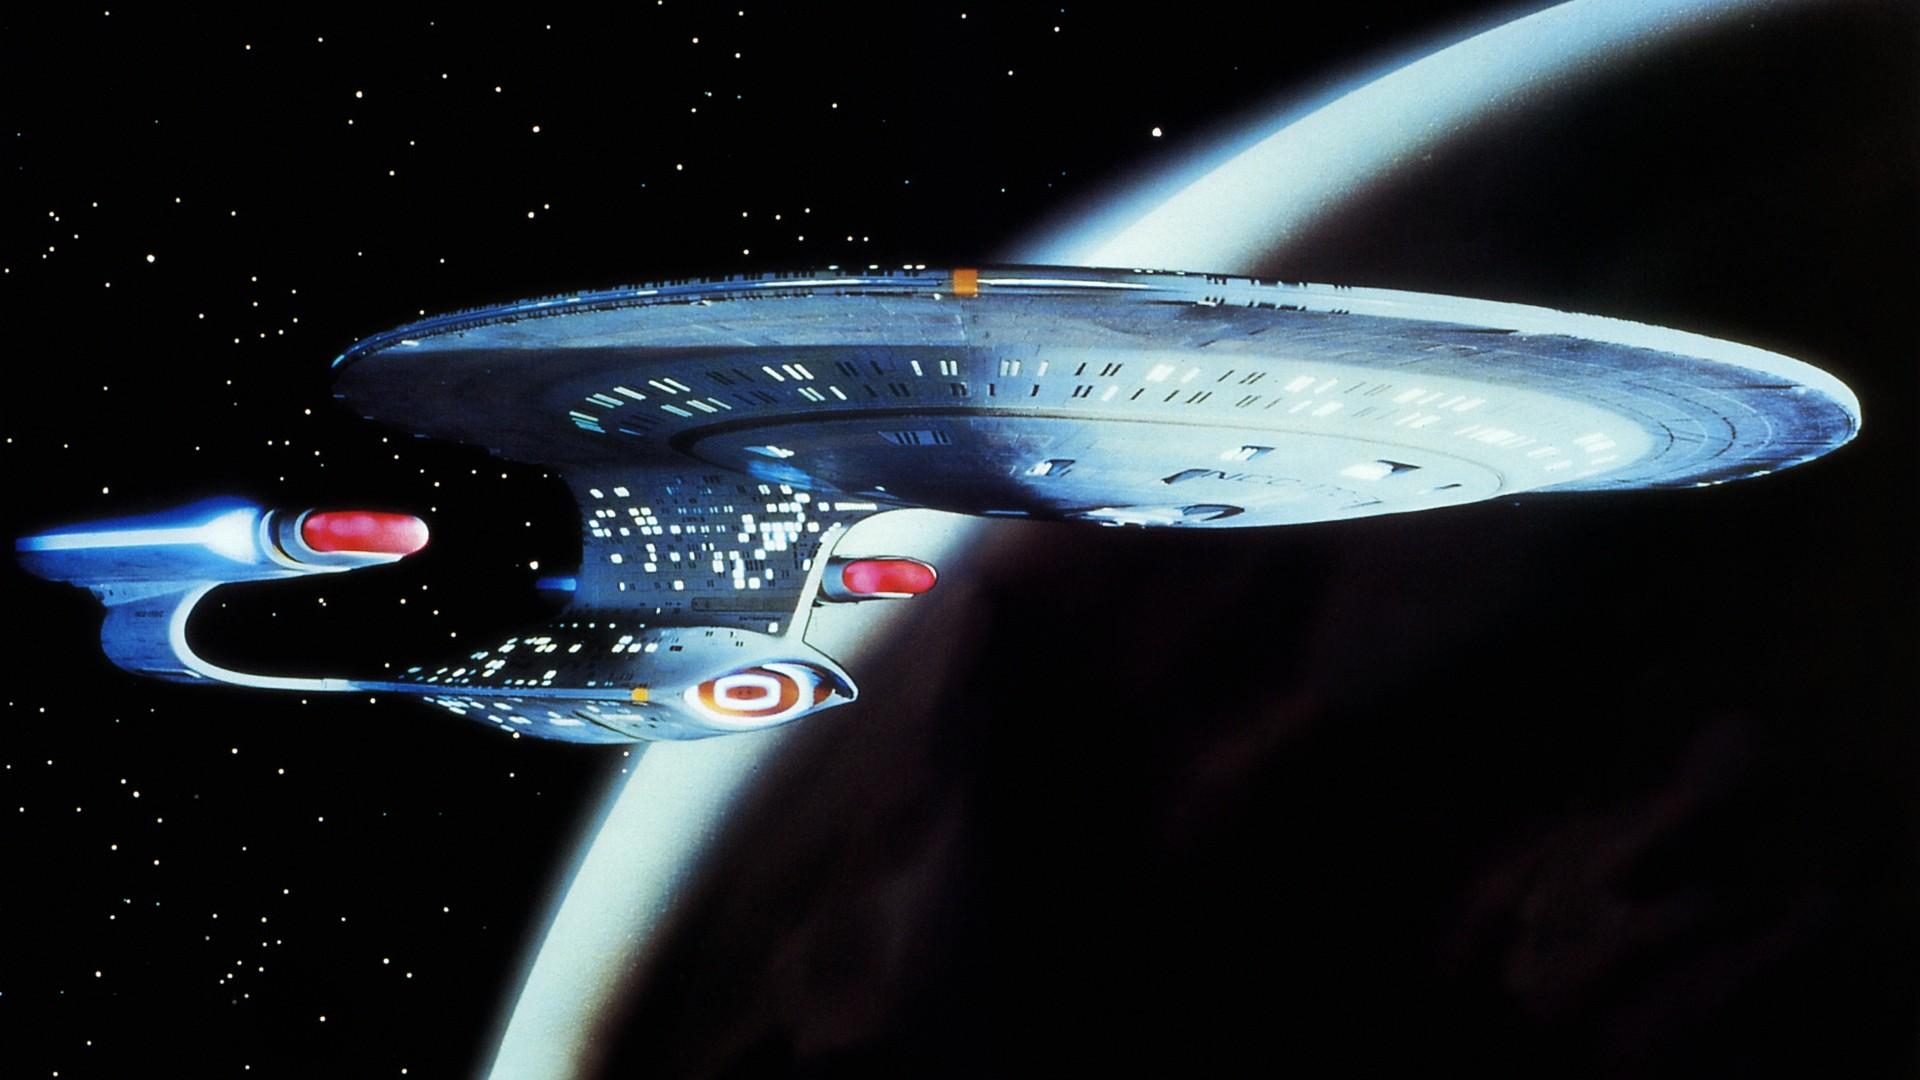 Star Trek Wallpaper 1080p   ImageBank.biz